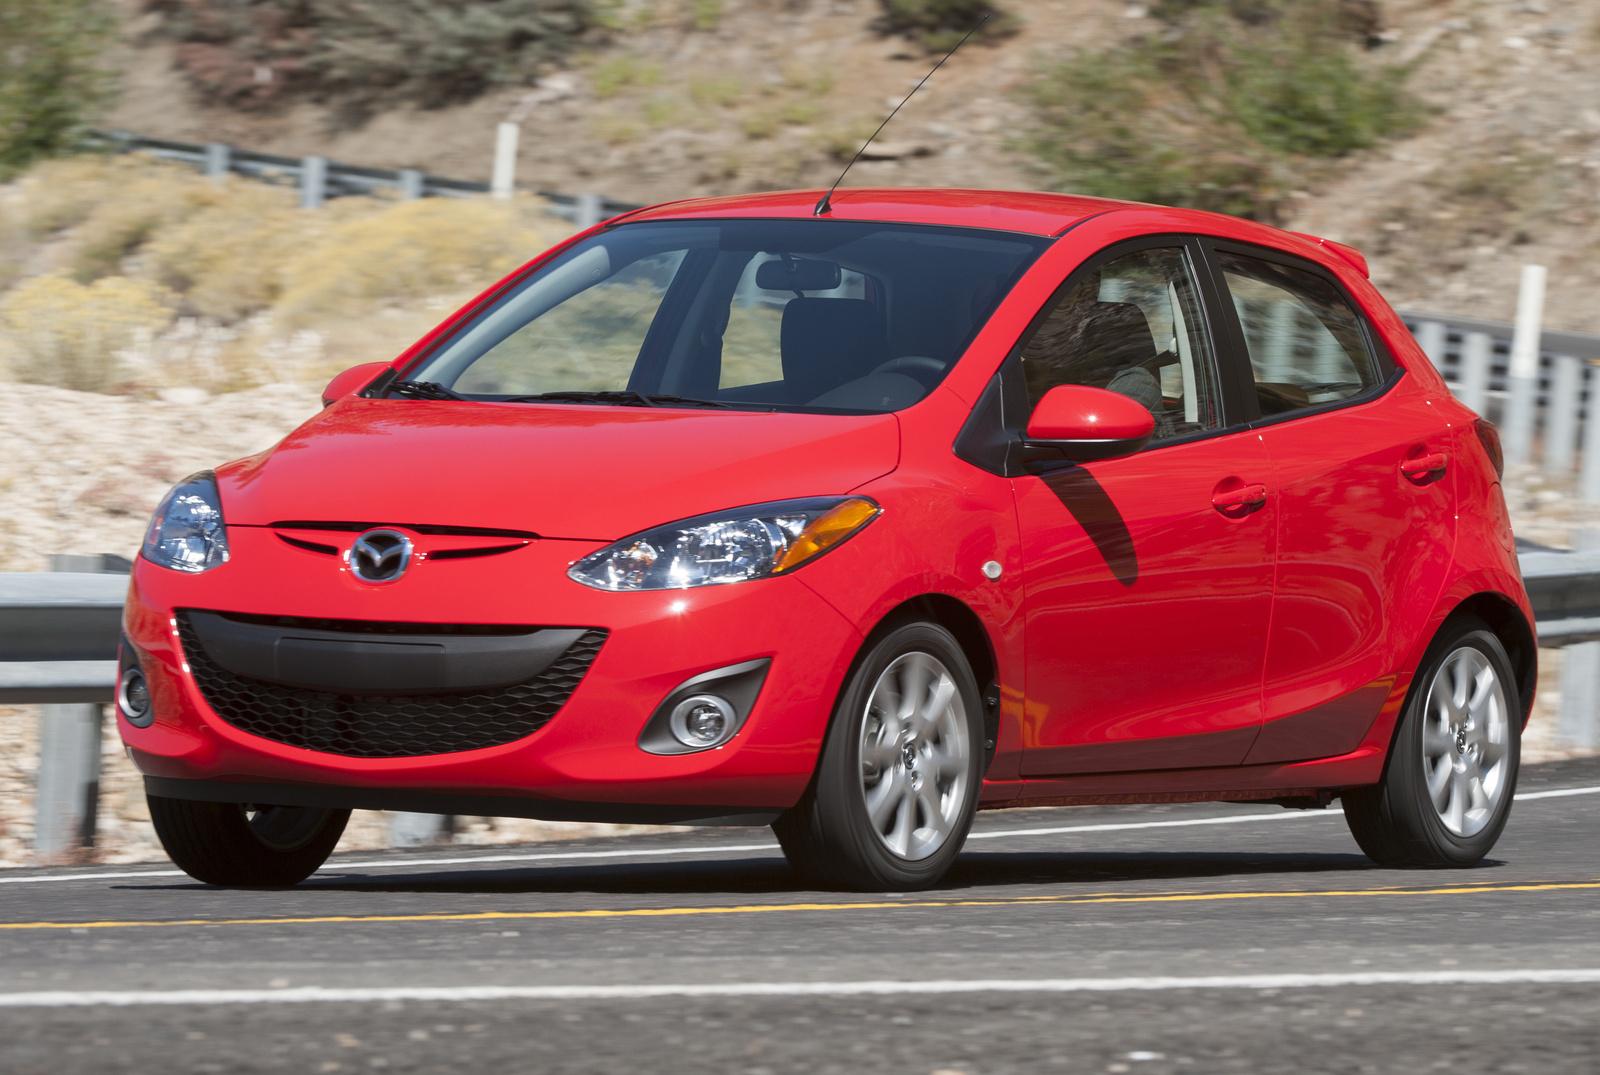 Kelebihan Kekurangan Mazda 2 2014 Perbandingan Harga